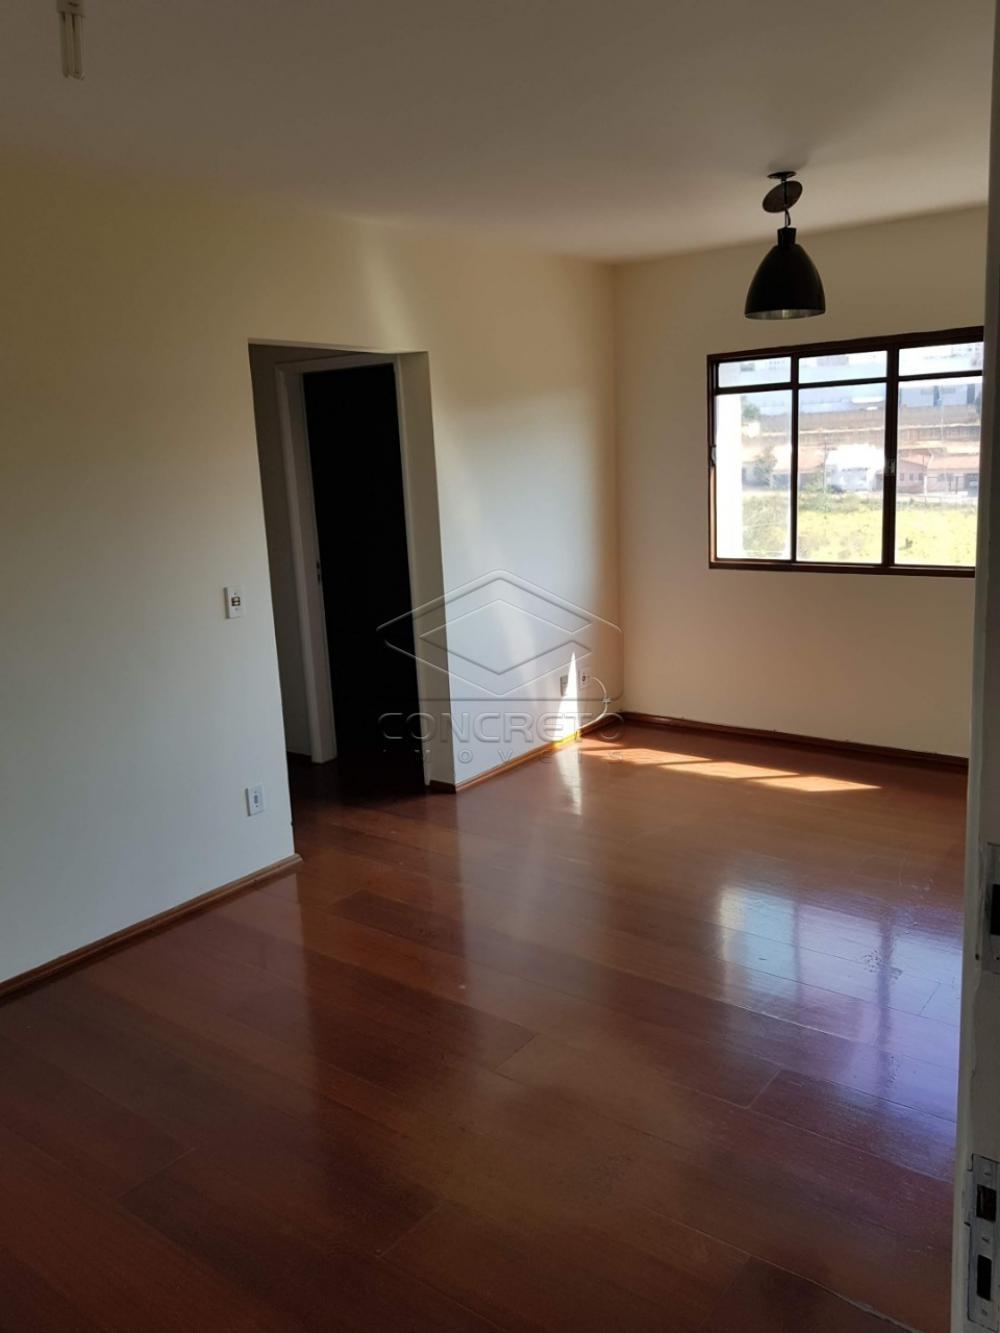 Comprar Apartamento / Padrão em Bauru R$ 113.000,00 - Foto 4